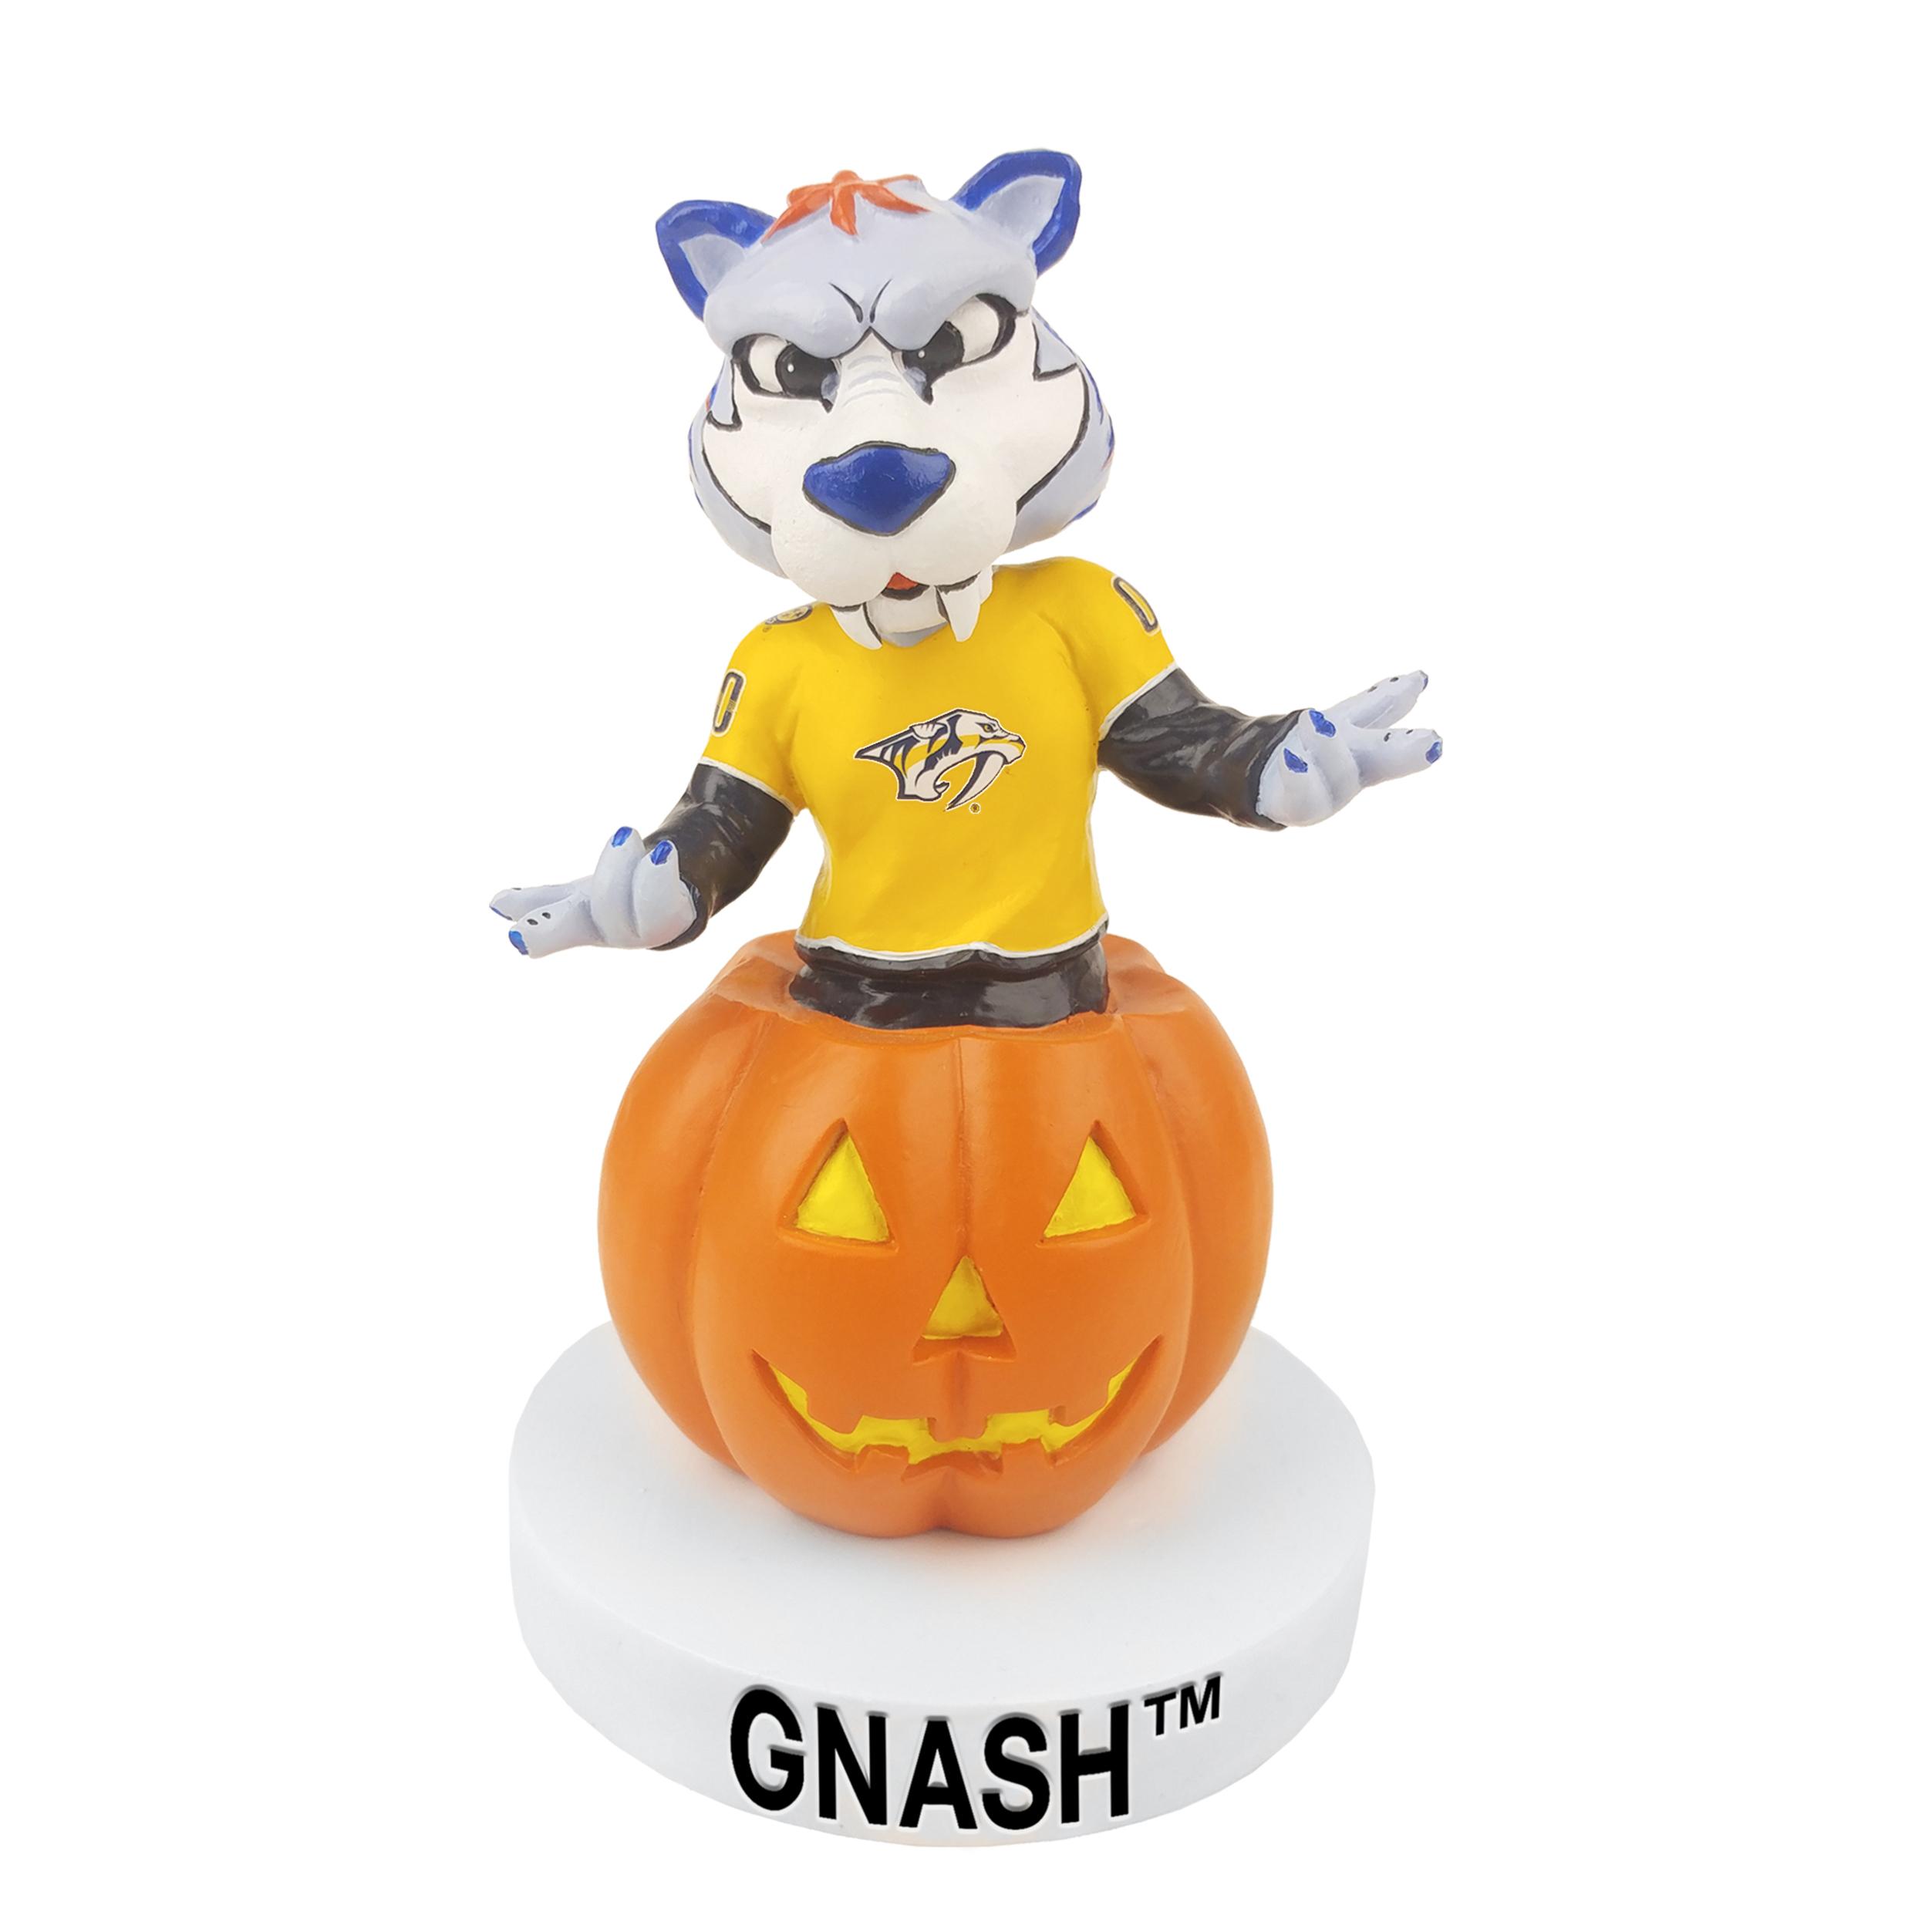 GNASH Halloween Bobblehead